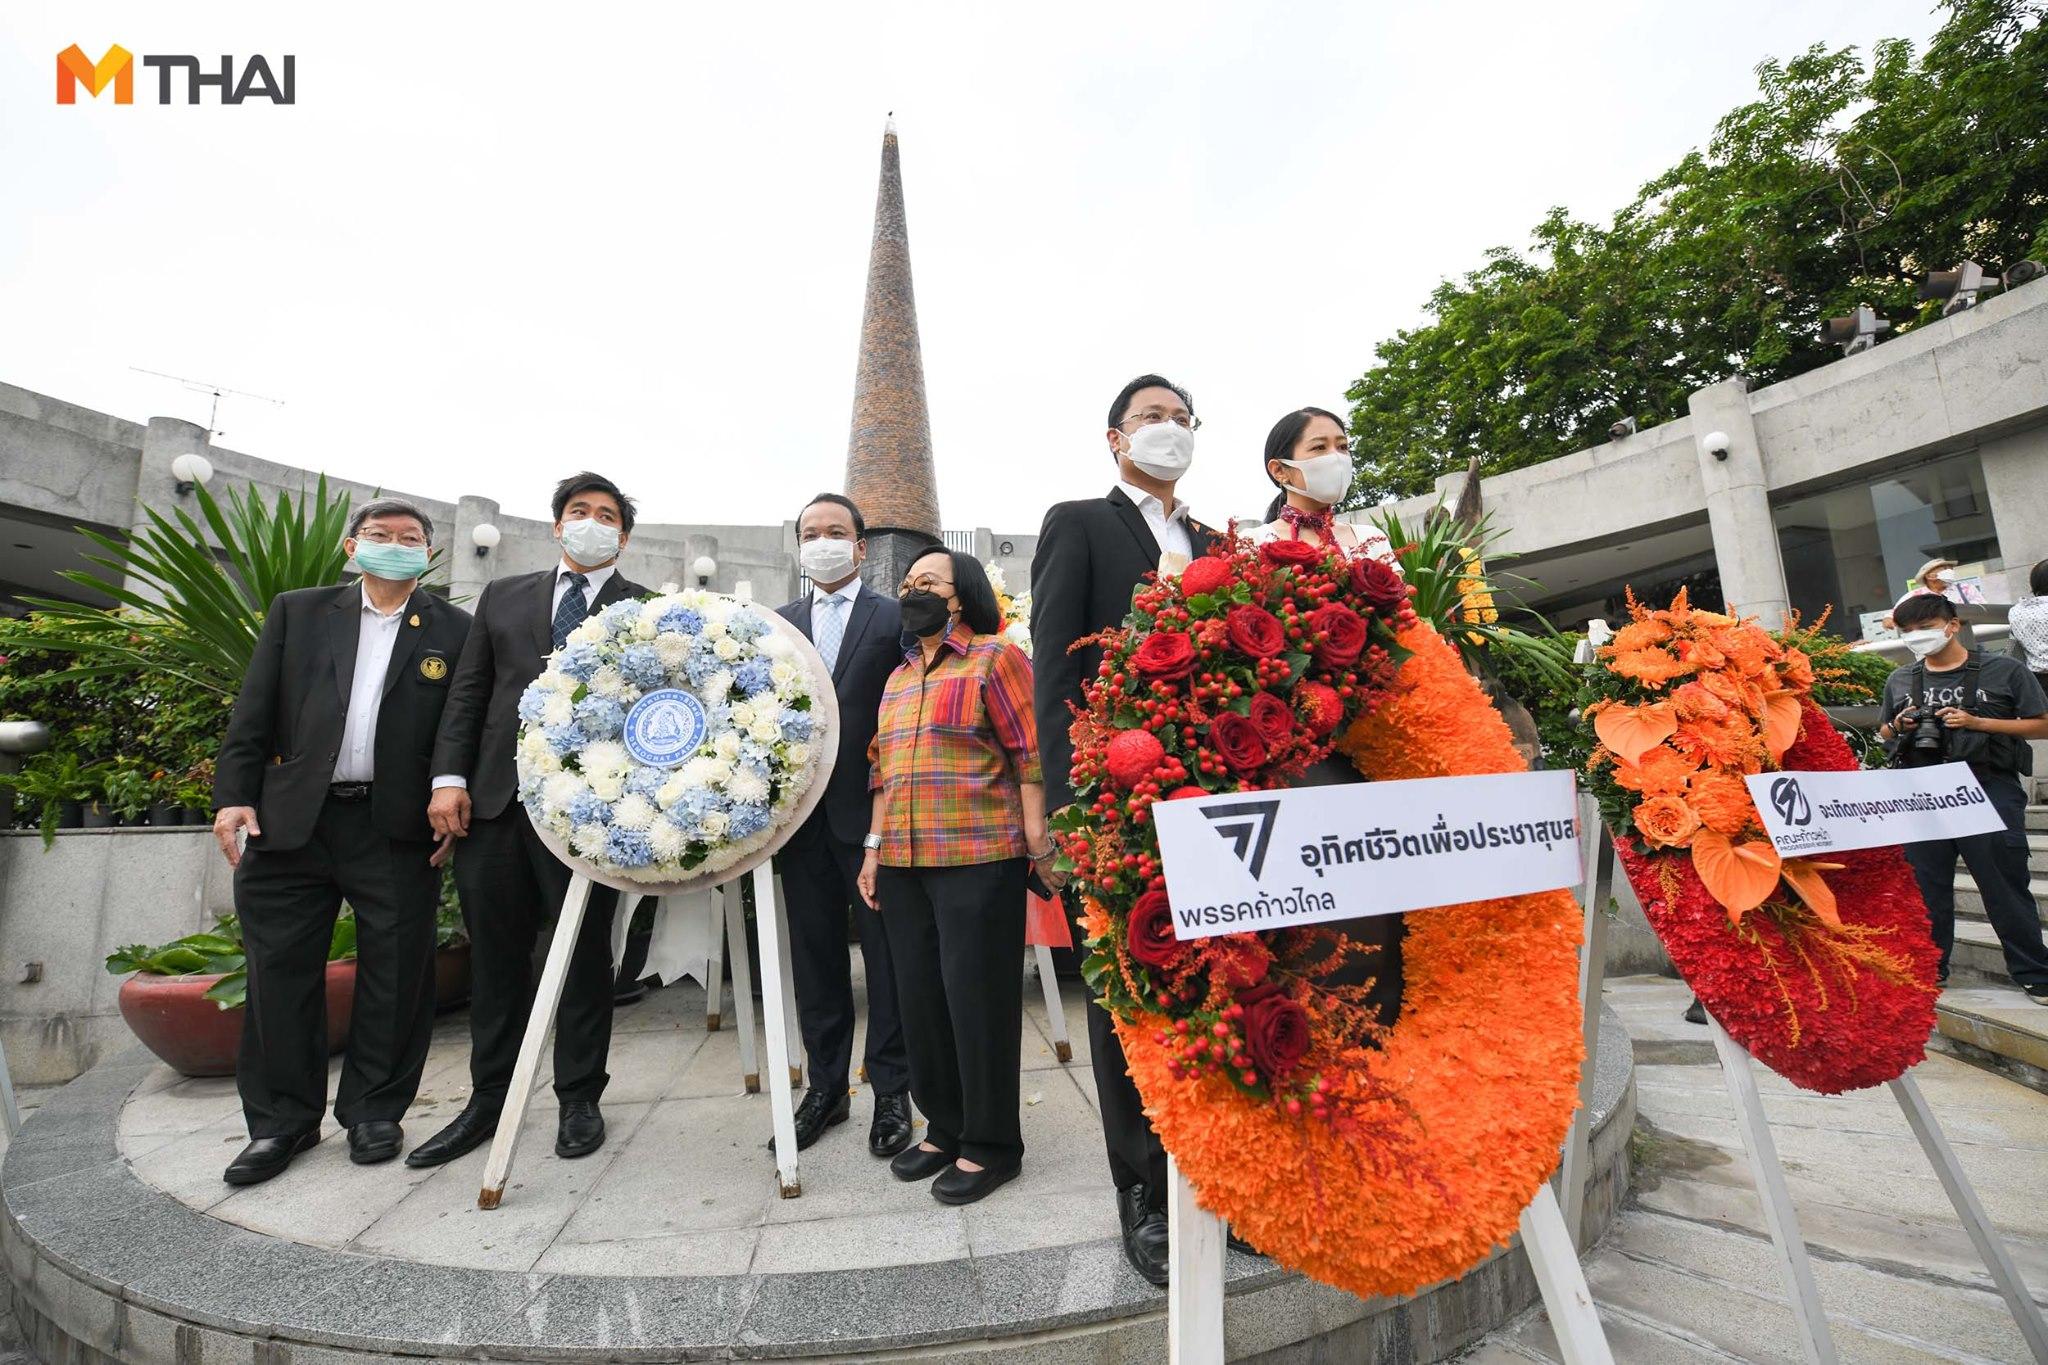 14 ตุลา การเมืองไทย สงครามประชาชน